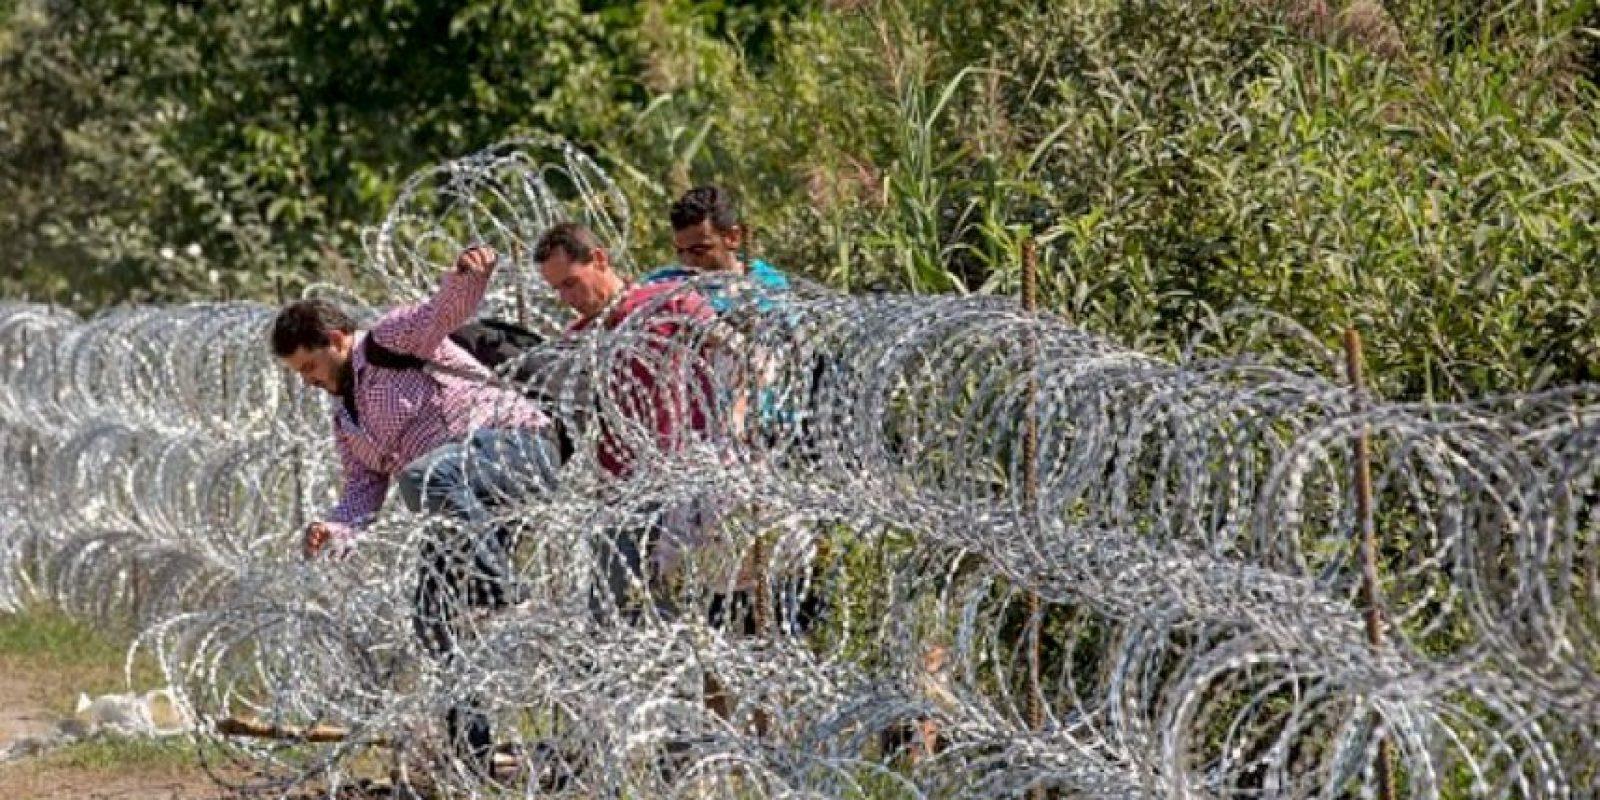 Los niños fueron hallados un día después de que las autoridades encontraran 71 cuerpos abandonados. Foto:Getty Images